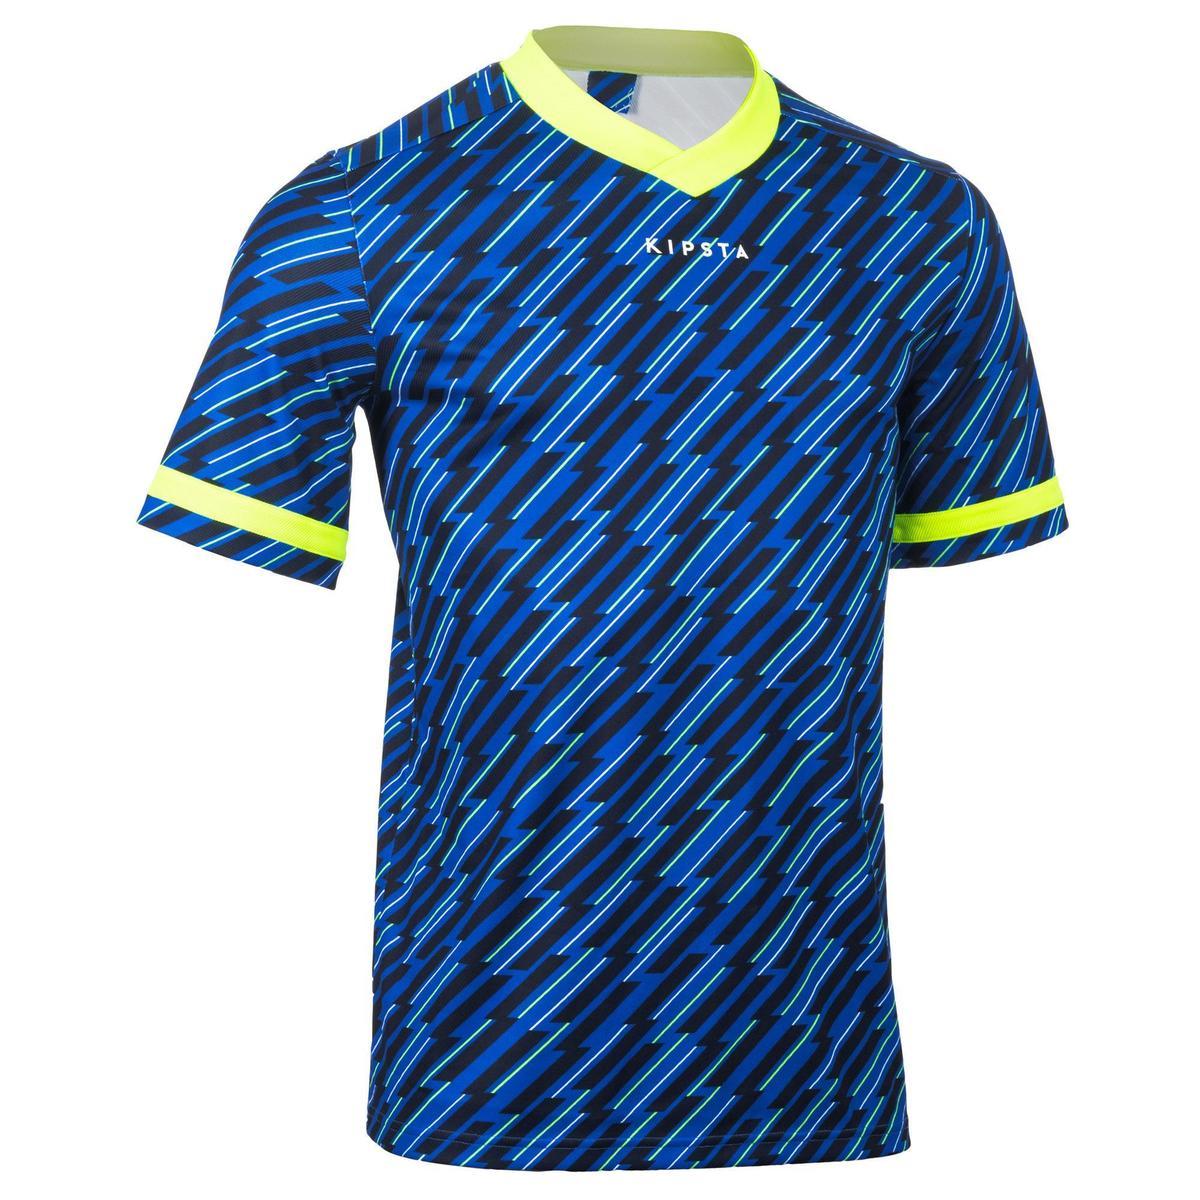 Bild 1 von Rugbytrikot R100 Erwachsene blau